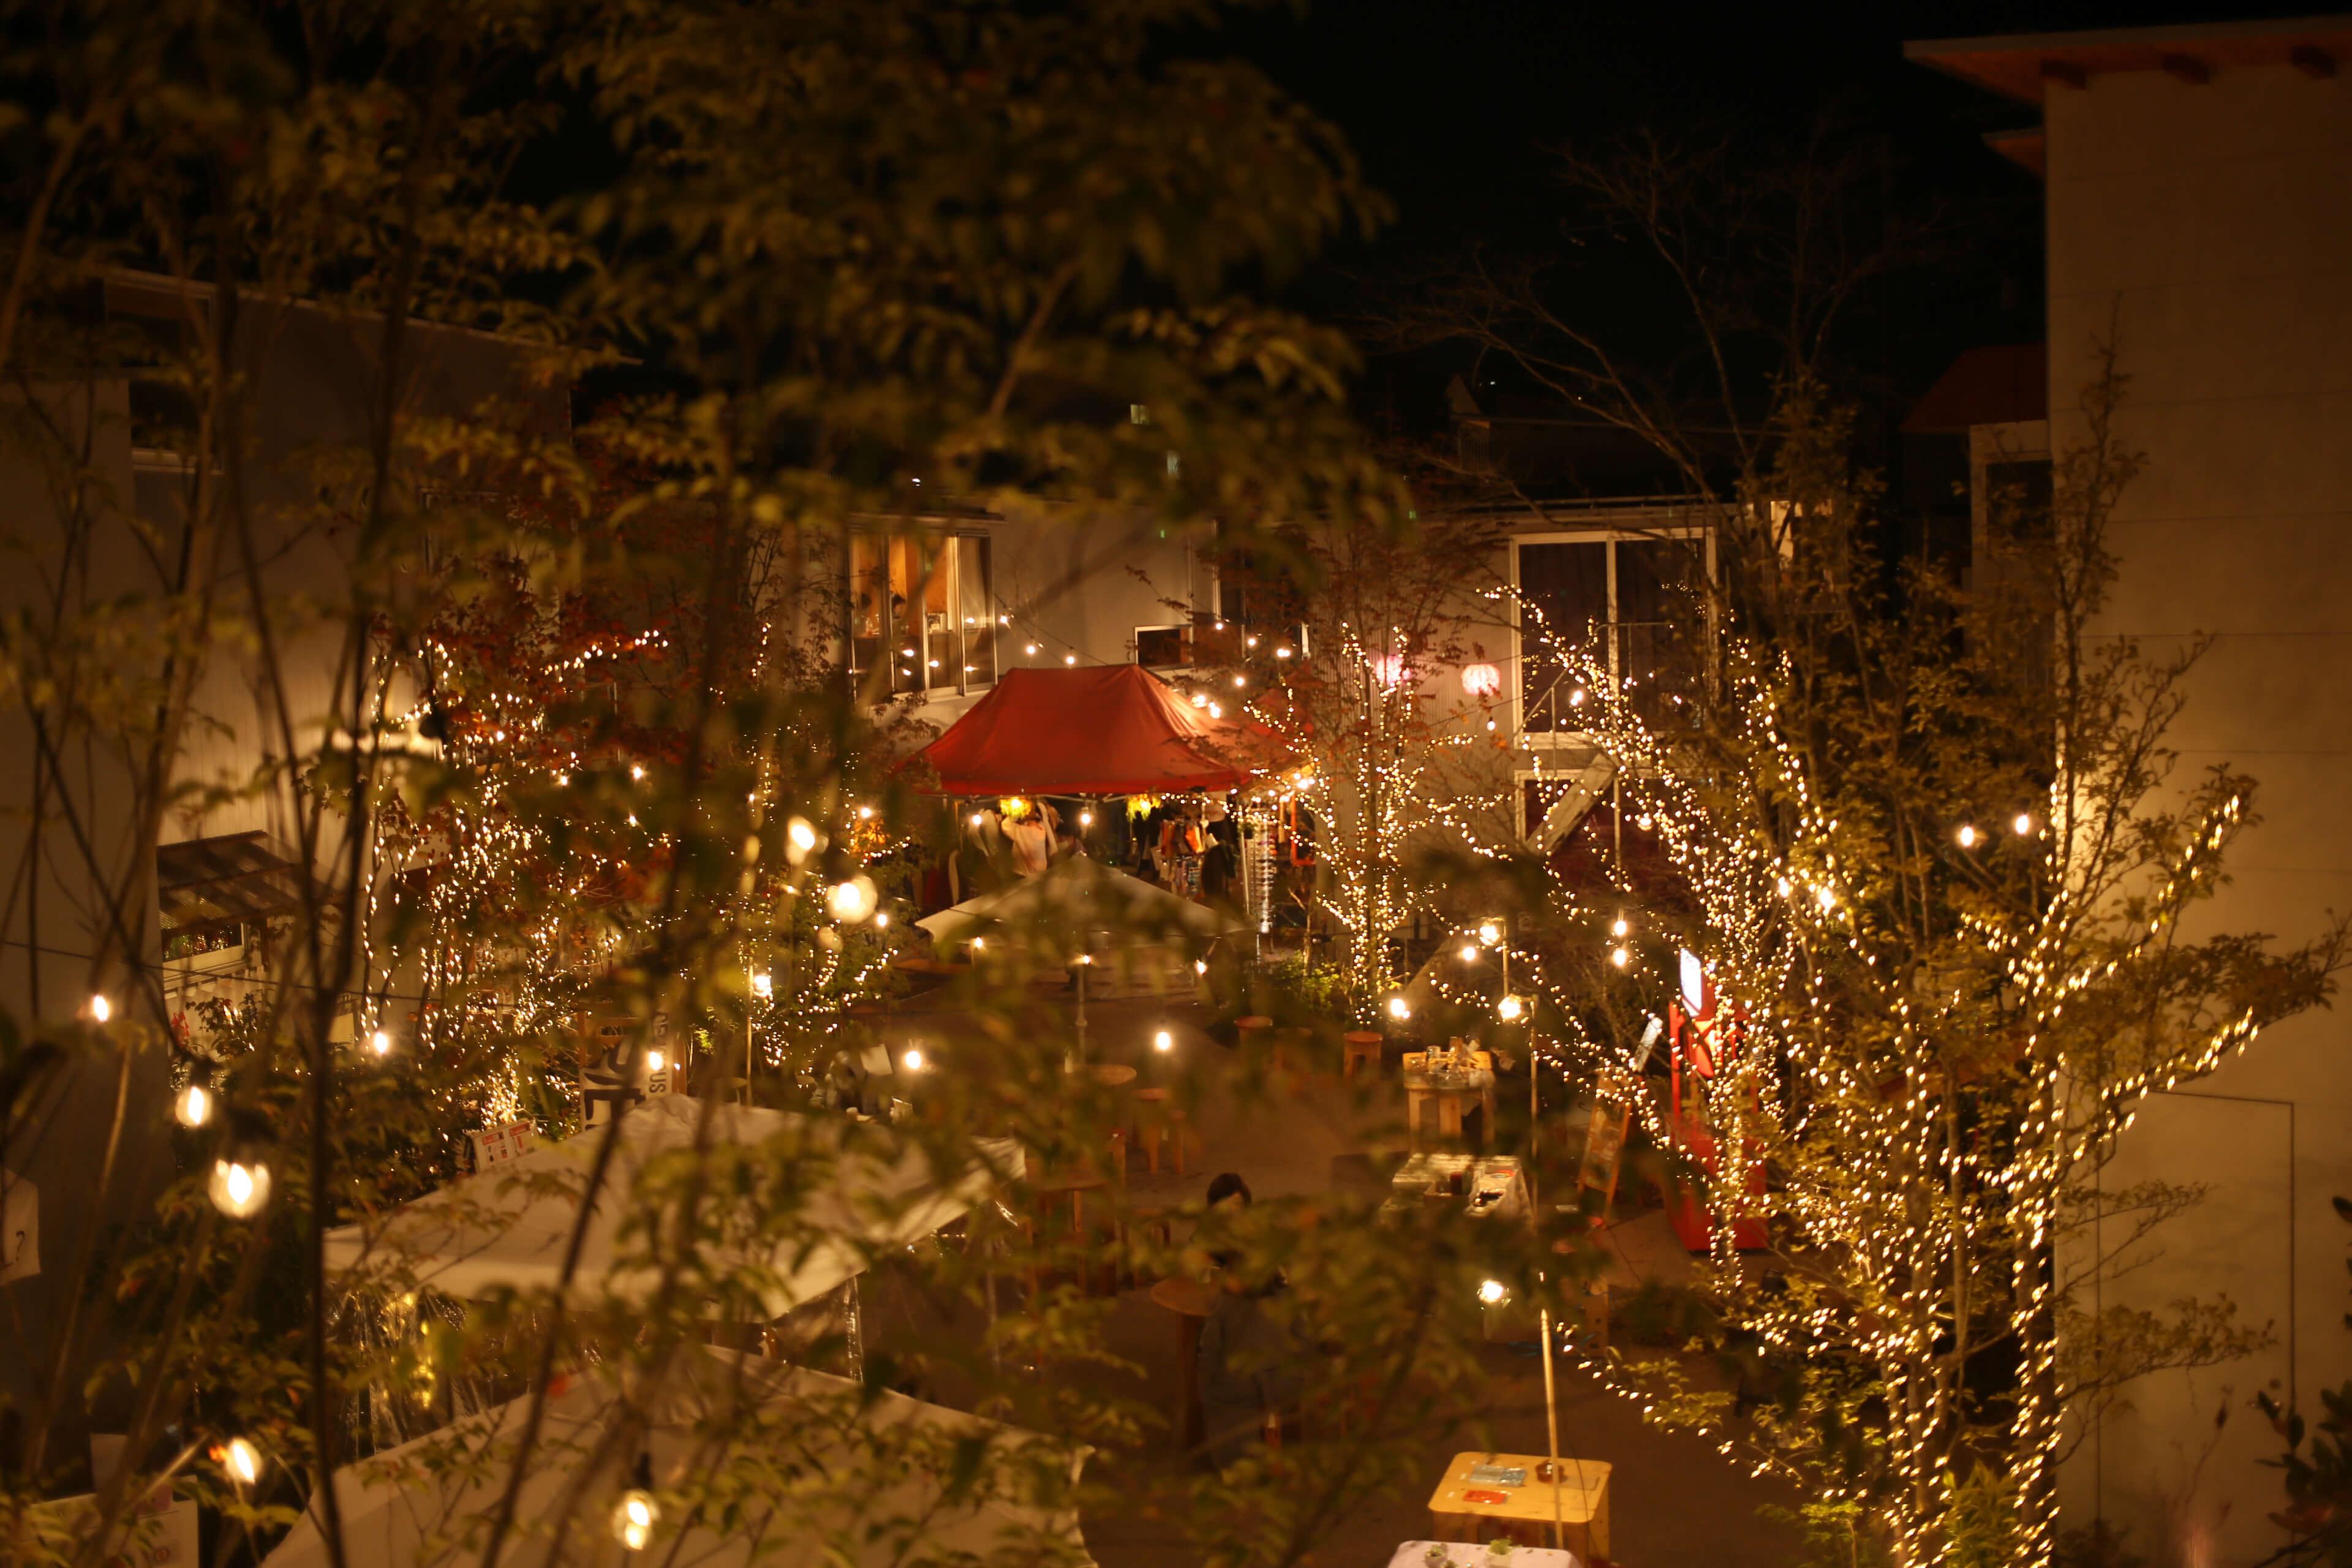 下北沢BONUS TRACK「Christmas Market」